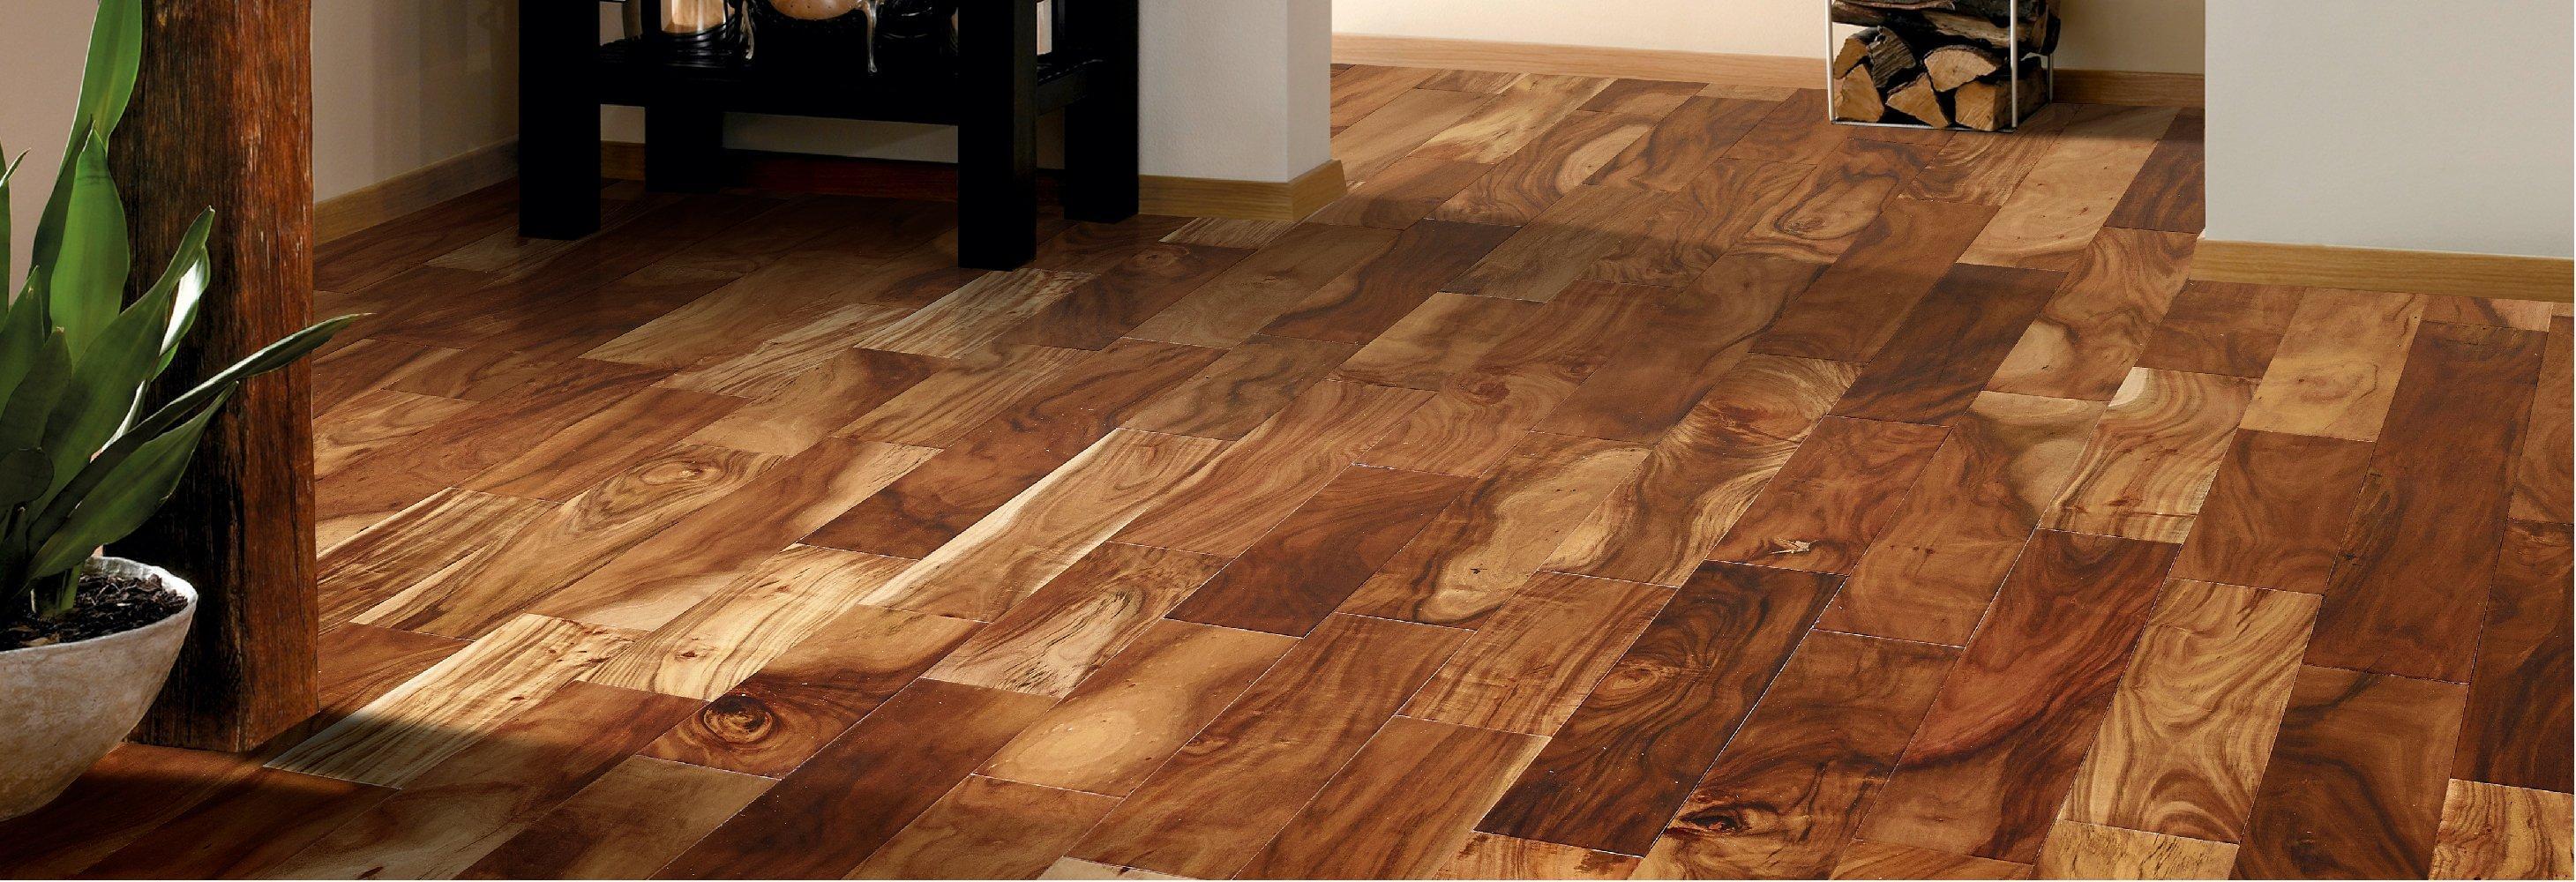 engineered wood floors engineered hardwood flooring OAFIVEC